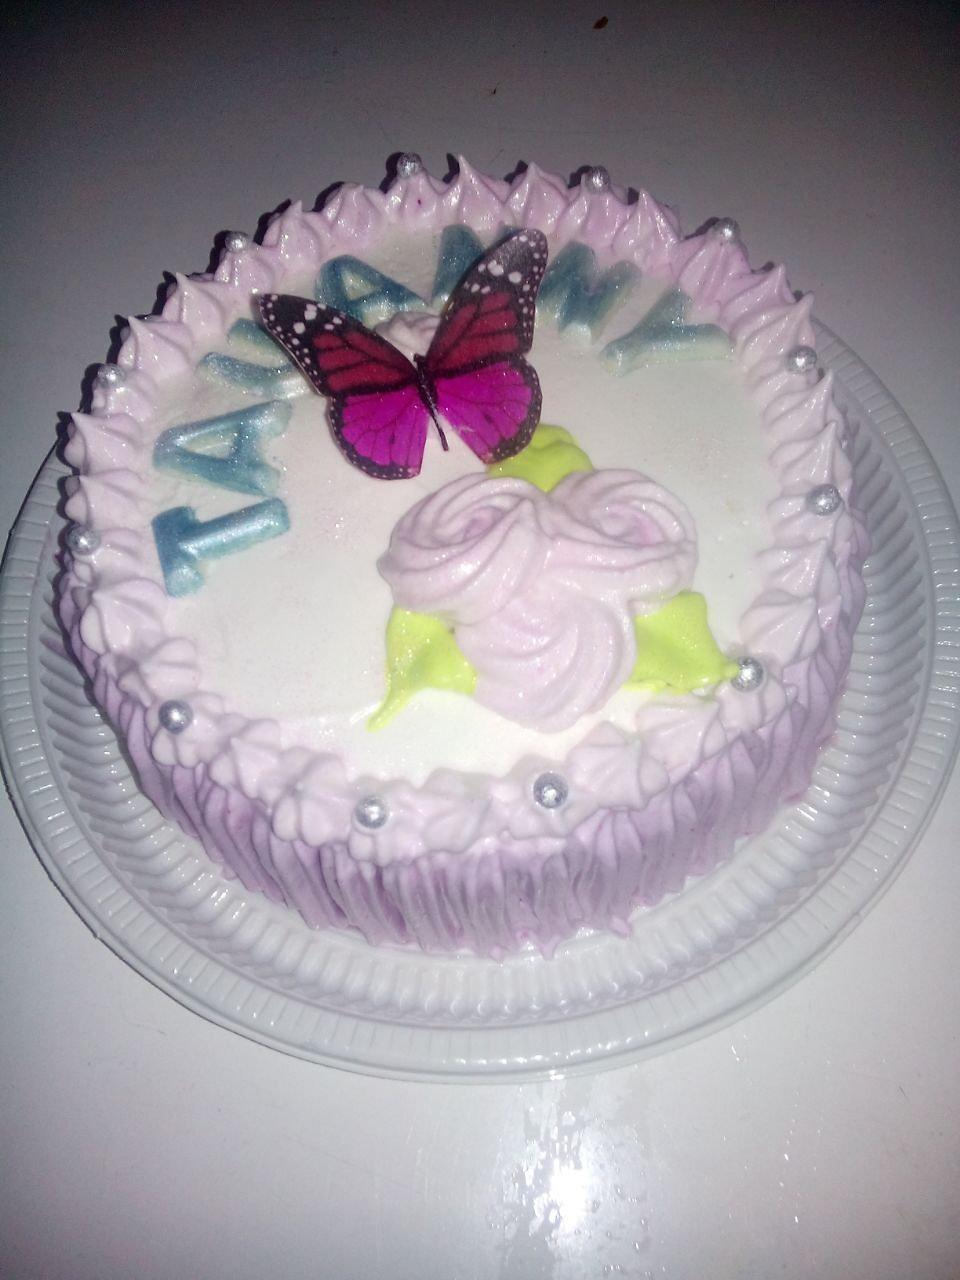 Gourmet bolos decorados bolo borboleta com chantilly altavistaventures Gallery